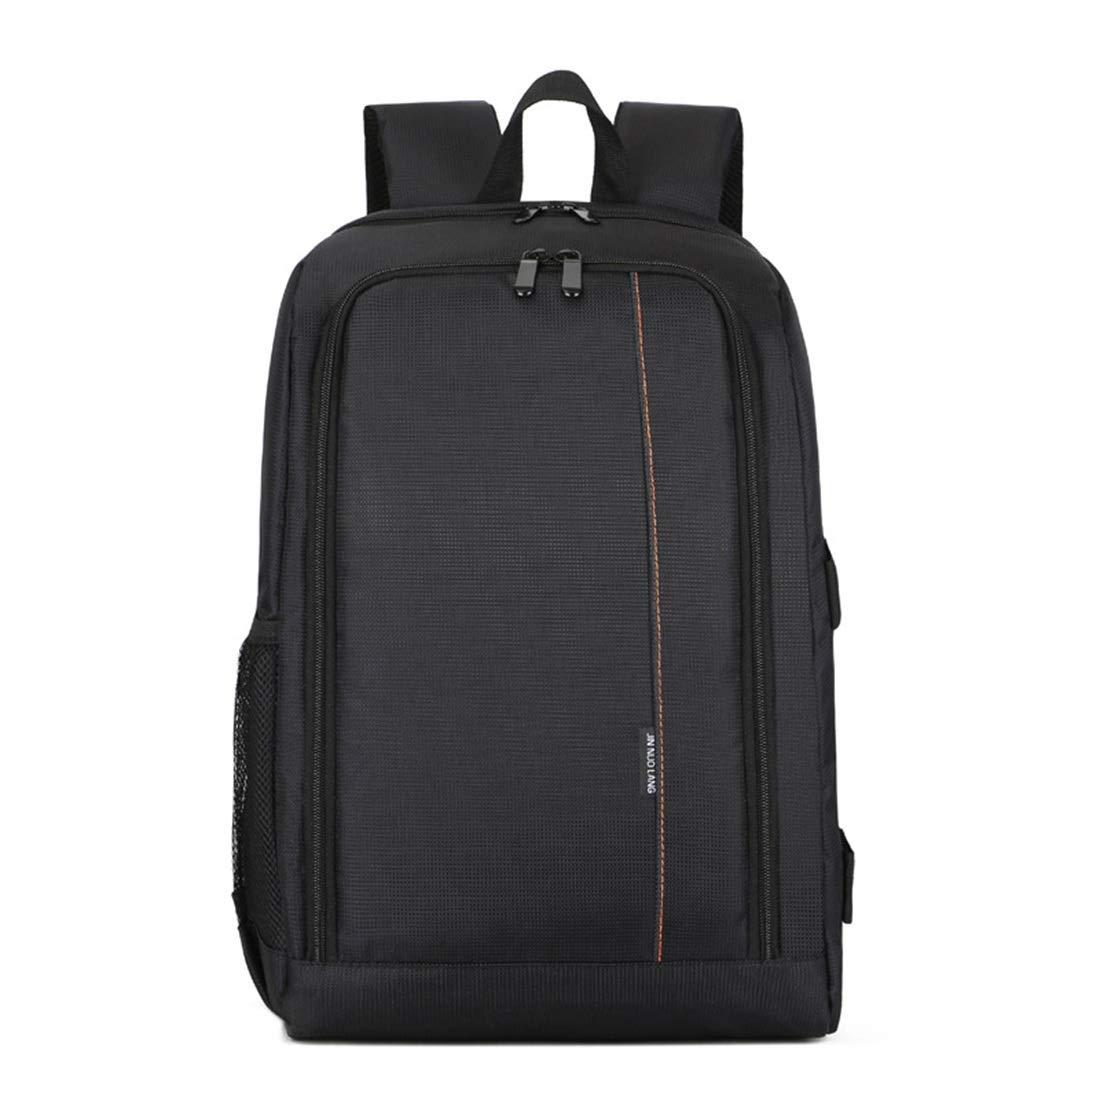 辽阳世纪电子产品贸易中心 SLRのカメラの袋の肩の屋外の写真袋専門の防水ウェアラブルの袋、レンズおよび付属品 (色 : オレンジ) B07T8CJD8S